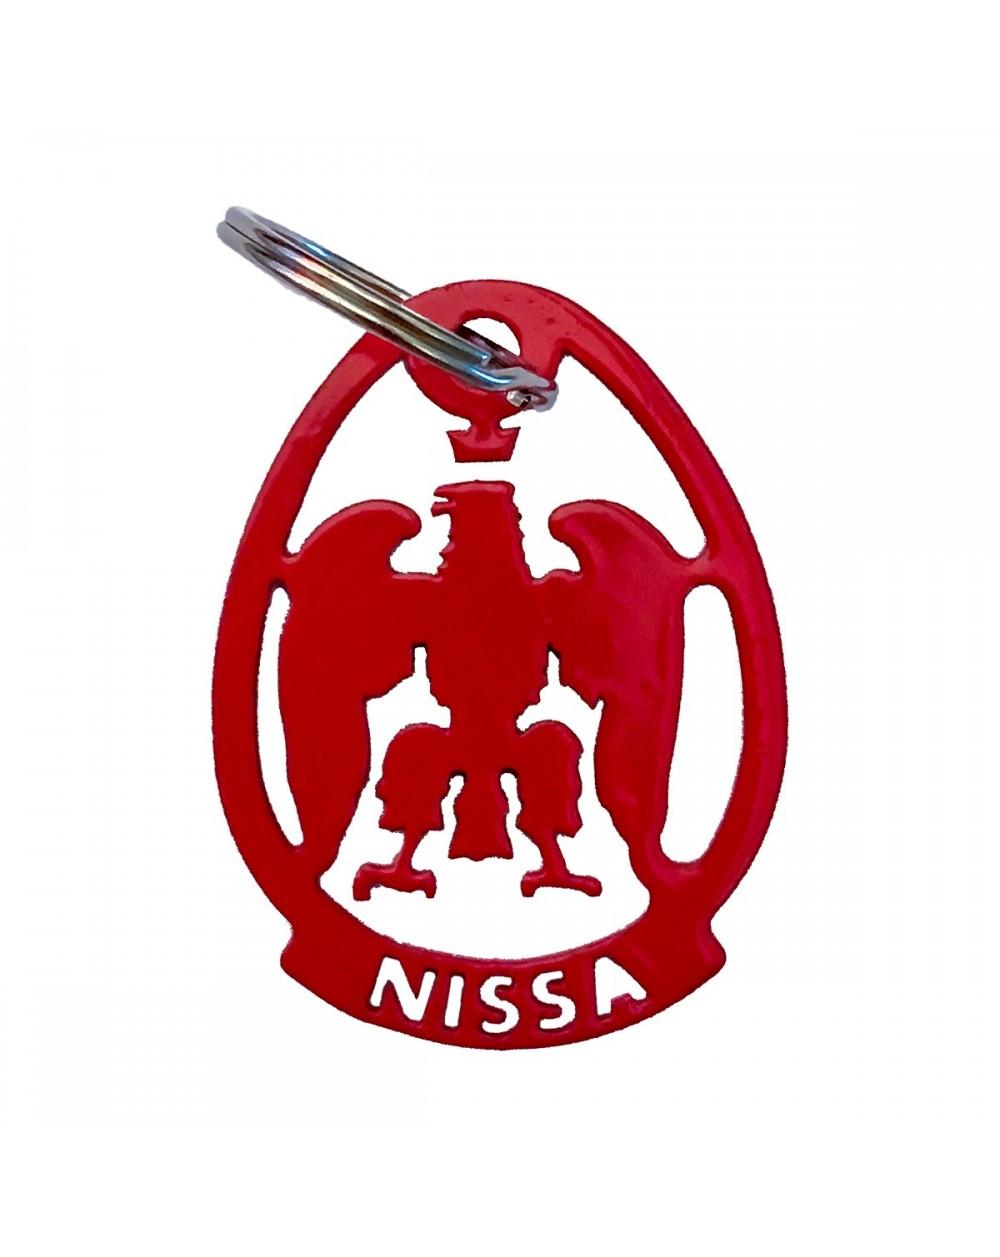 Porte-clef aigle de Nice - Nissa